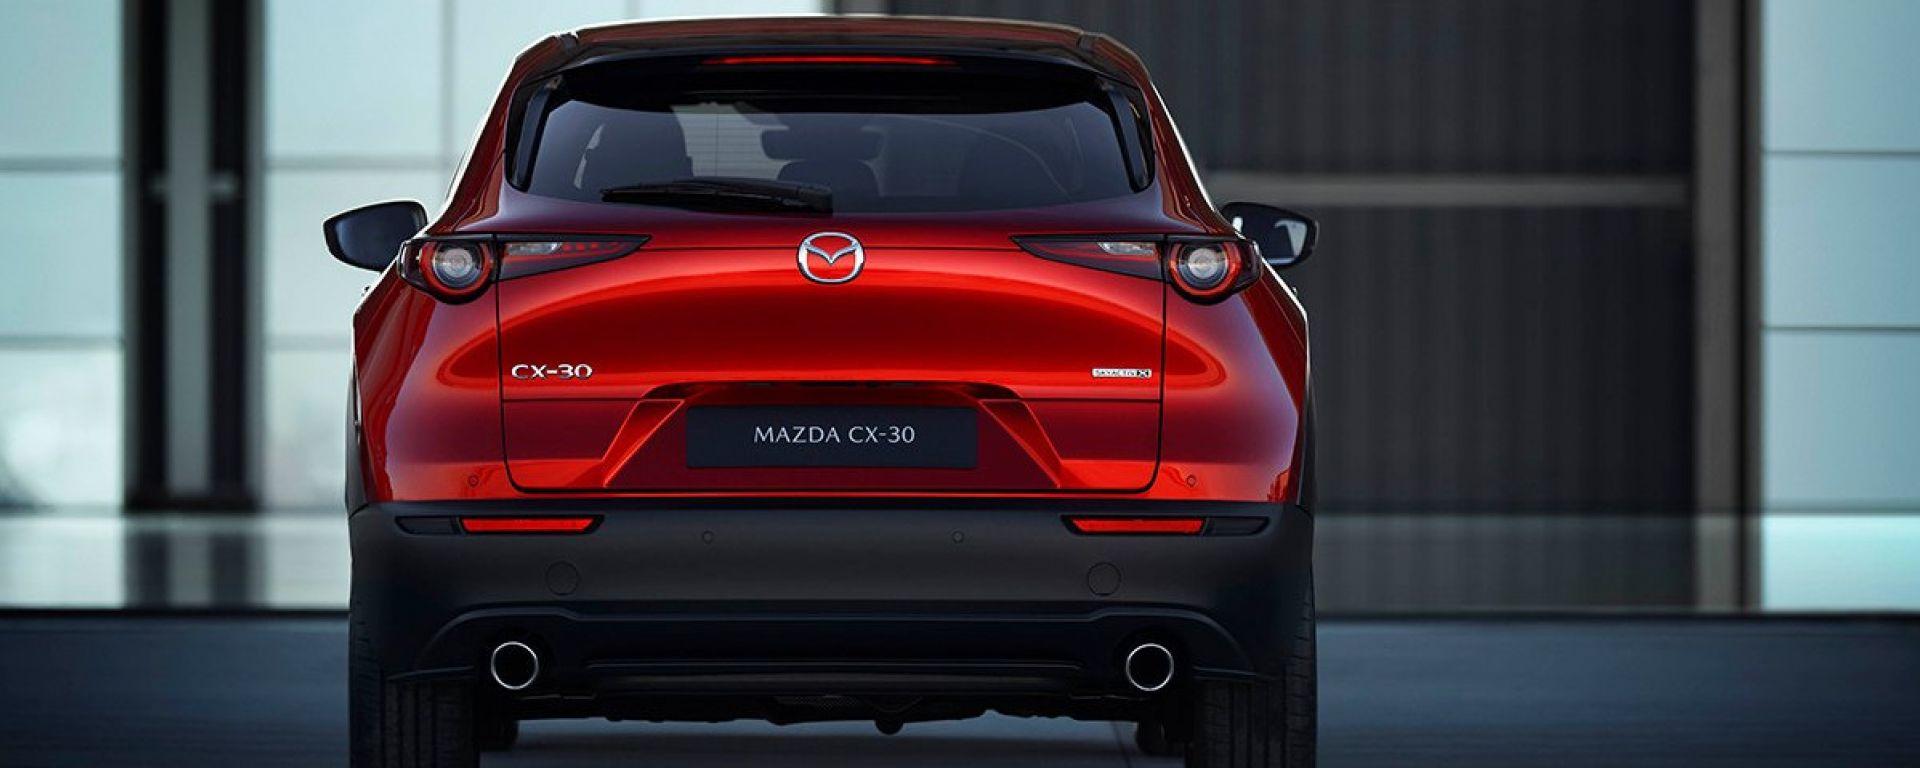 Mazda lancia CX-30 Community Lab per il nuovo SUV